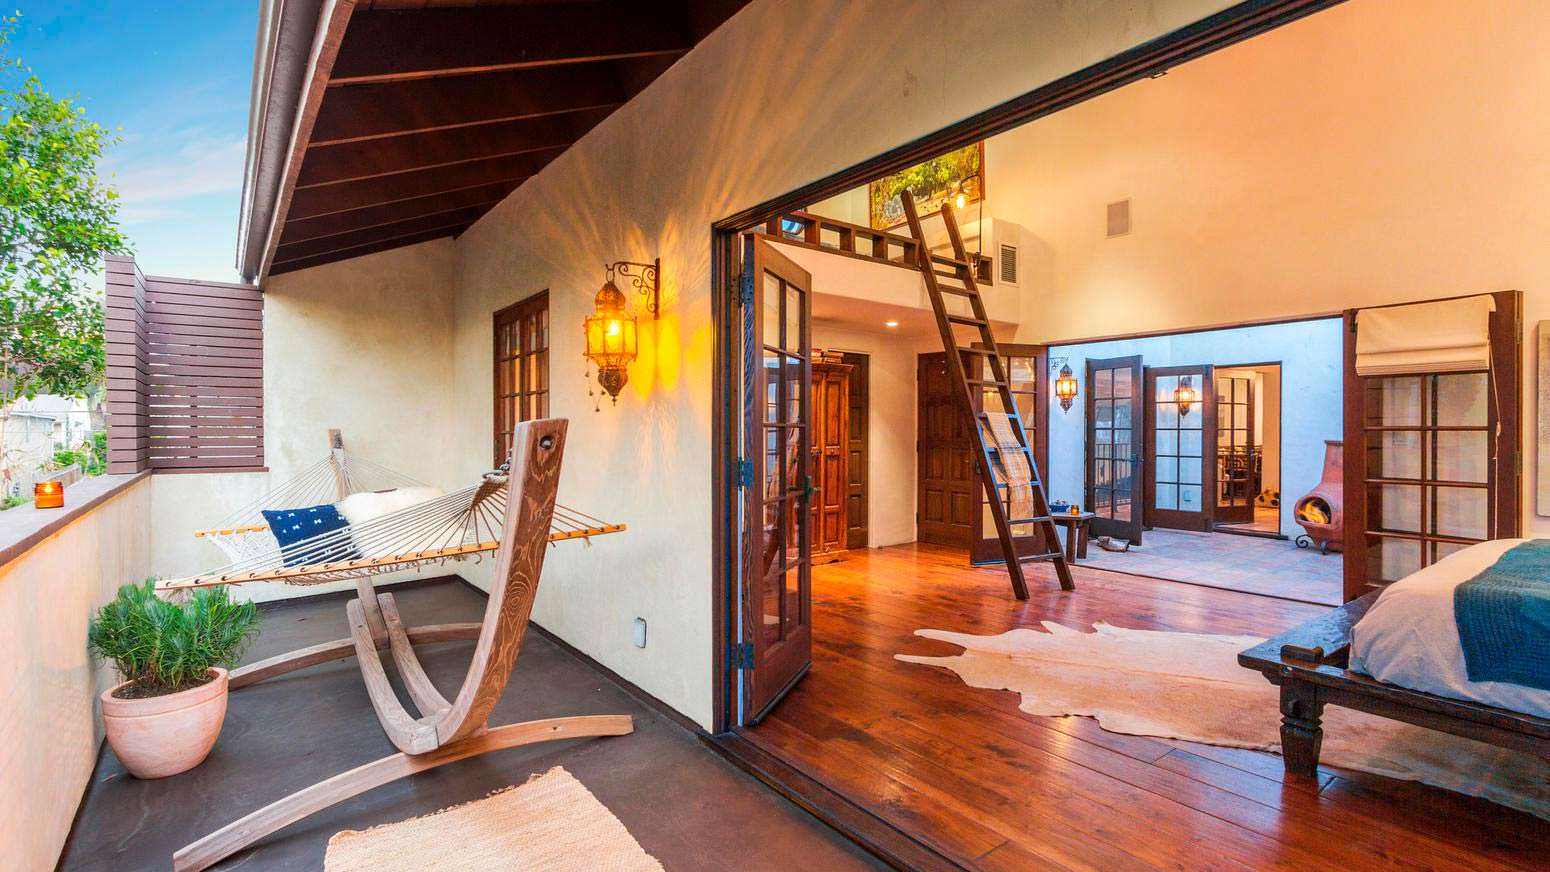 Спальня с выходом на балкон через двустворчатые двери